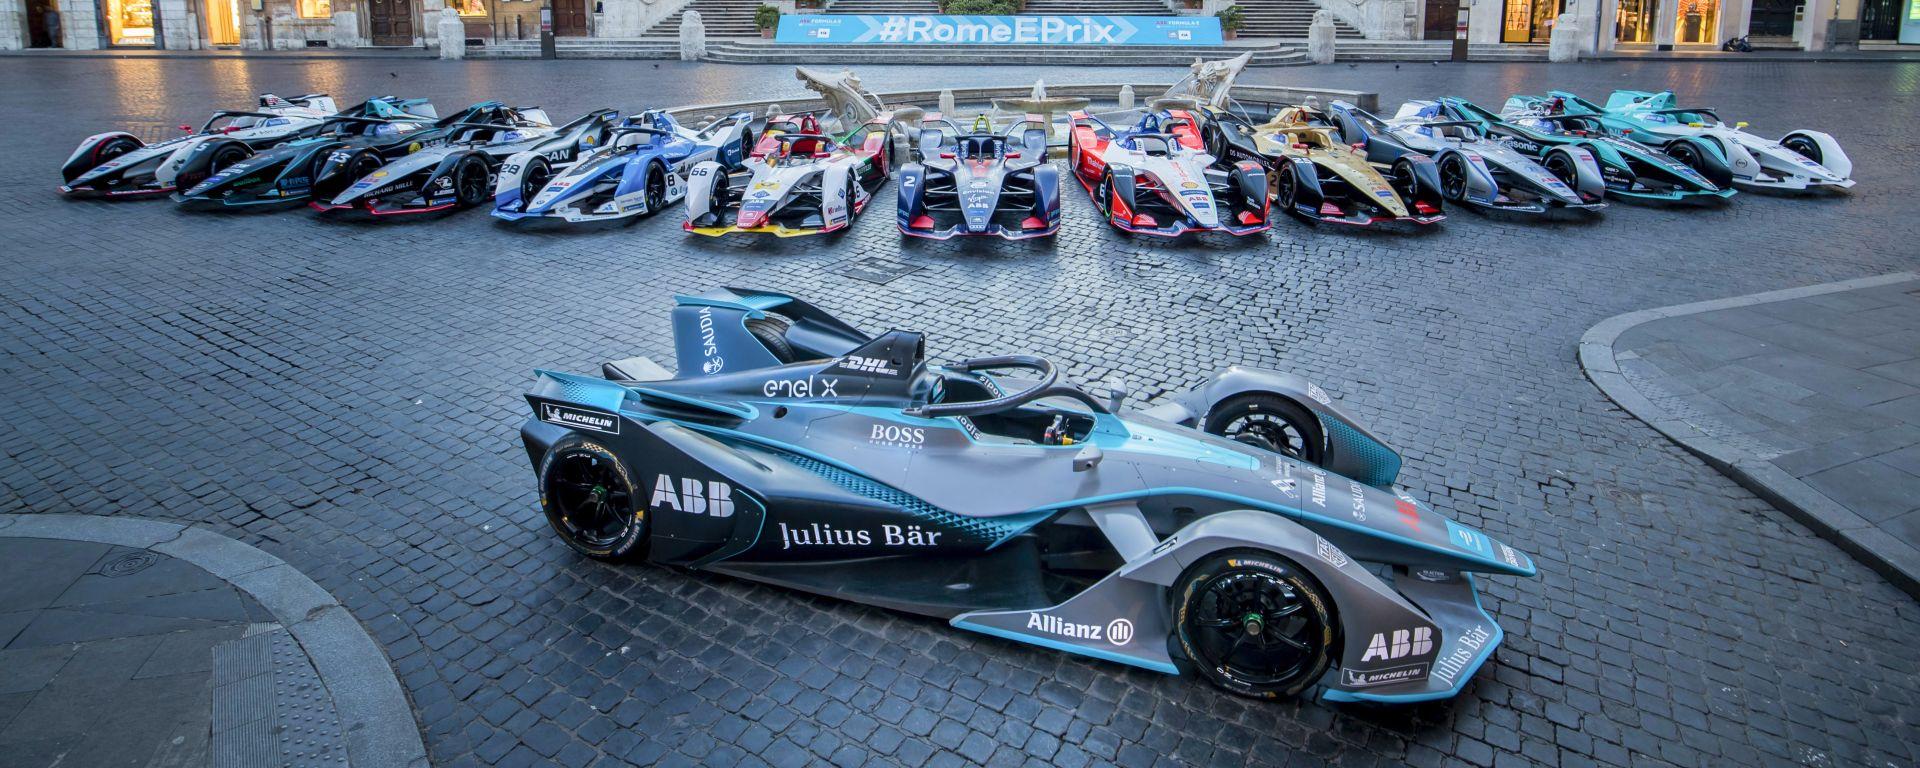 Formula E, ePrix Roma 2019: le macchine schierate nel centro storico della Capitale